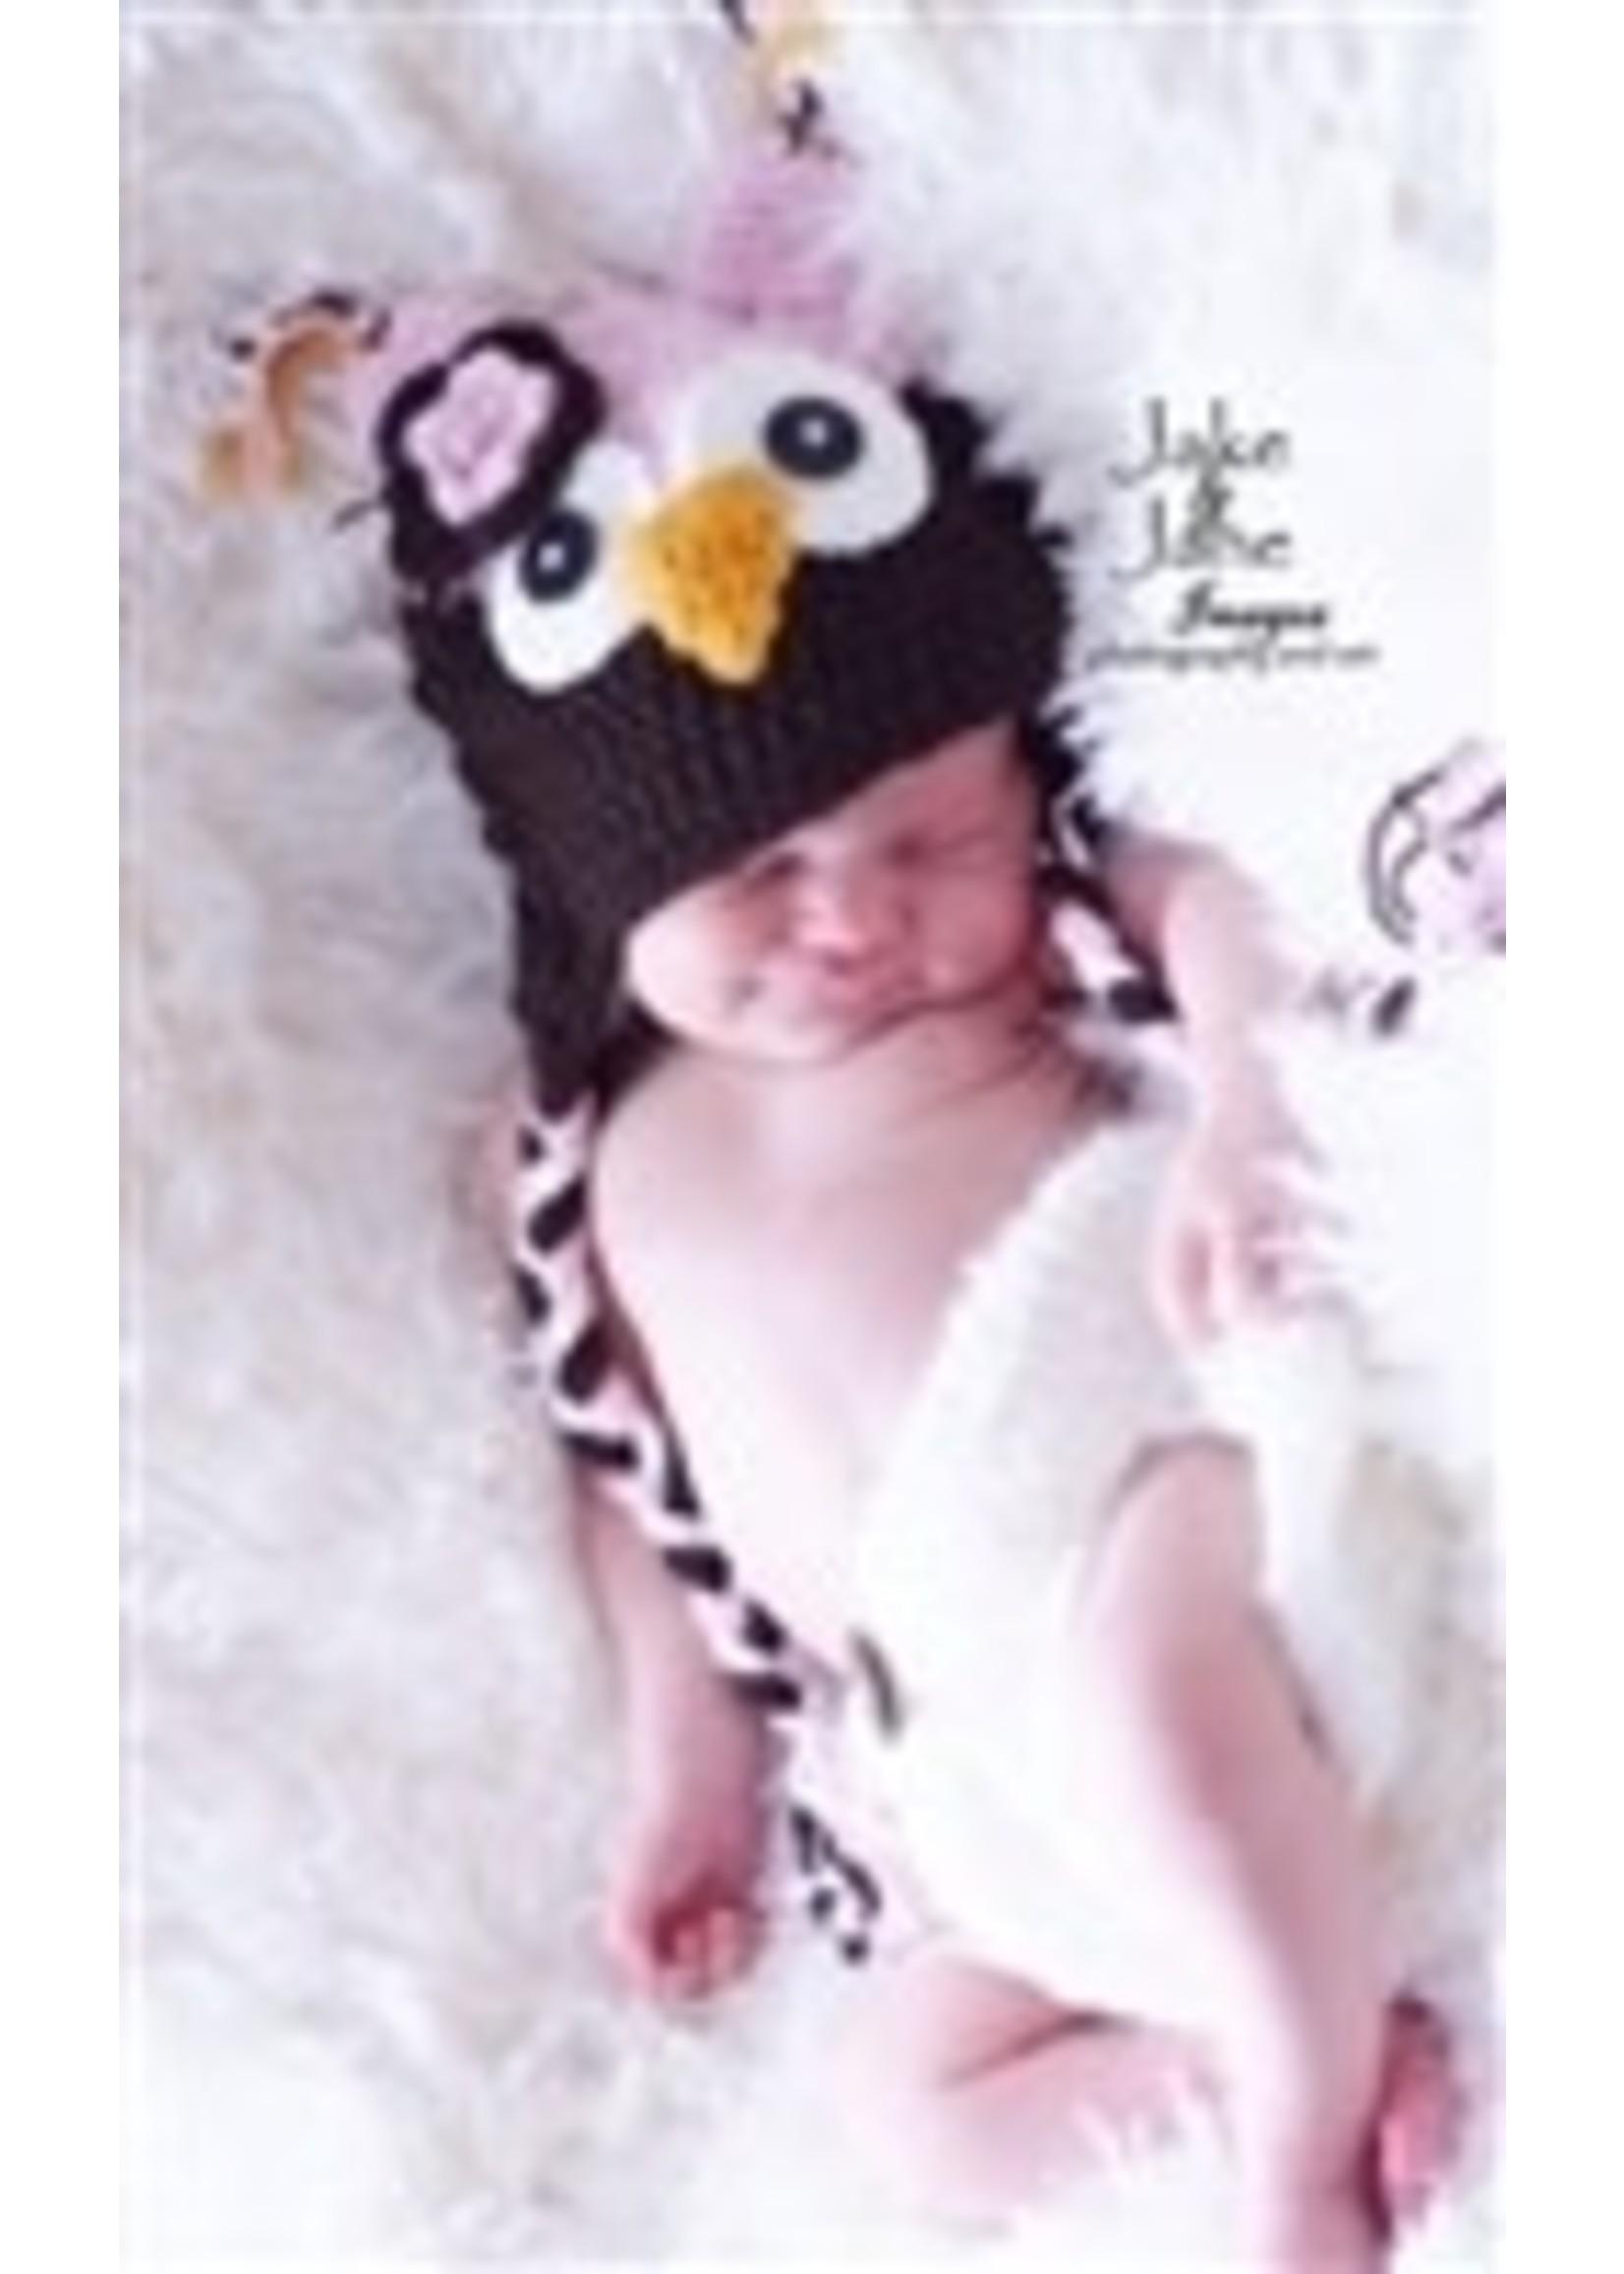 Daisy Baby daisybaby hat